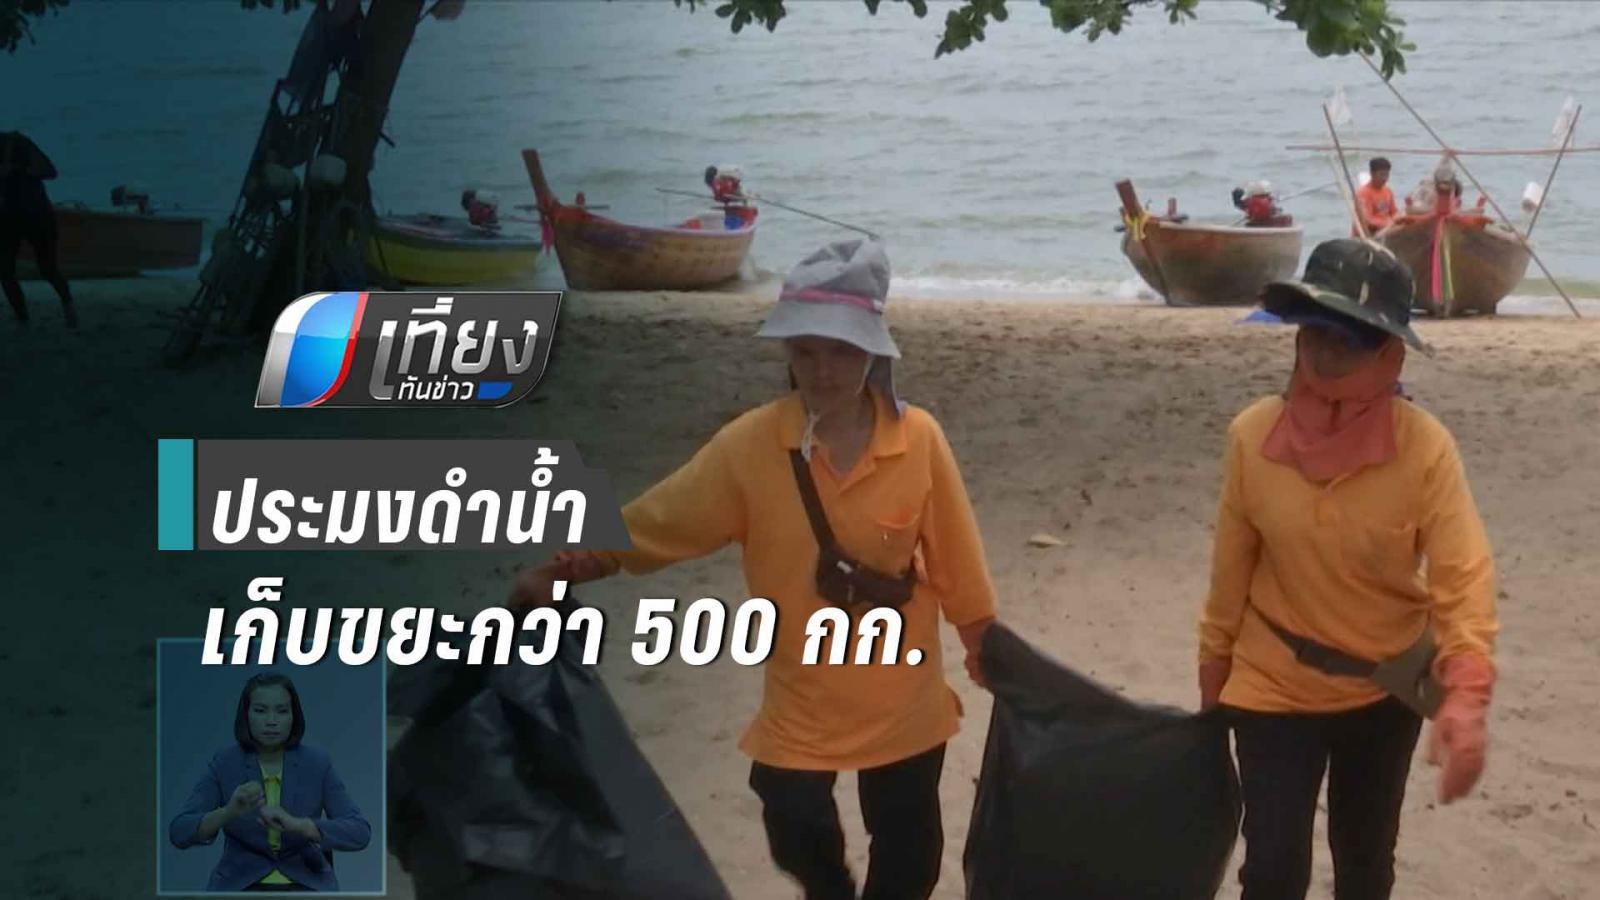 ประมงดำน้ำปะการังเทียมพัทยา เก็บขยะได้กว่า500กก.